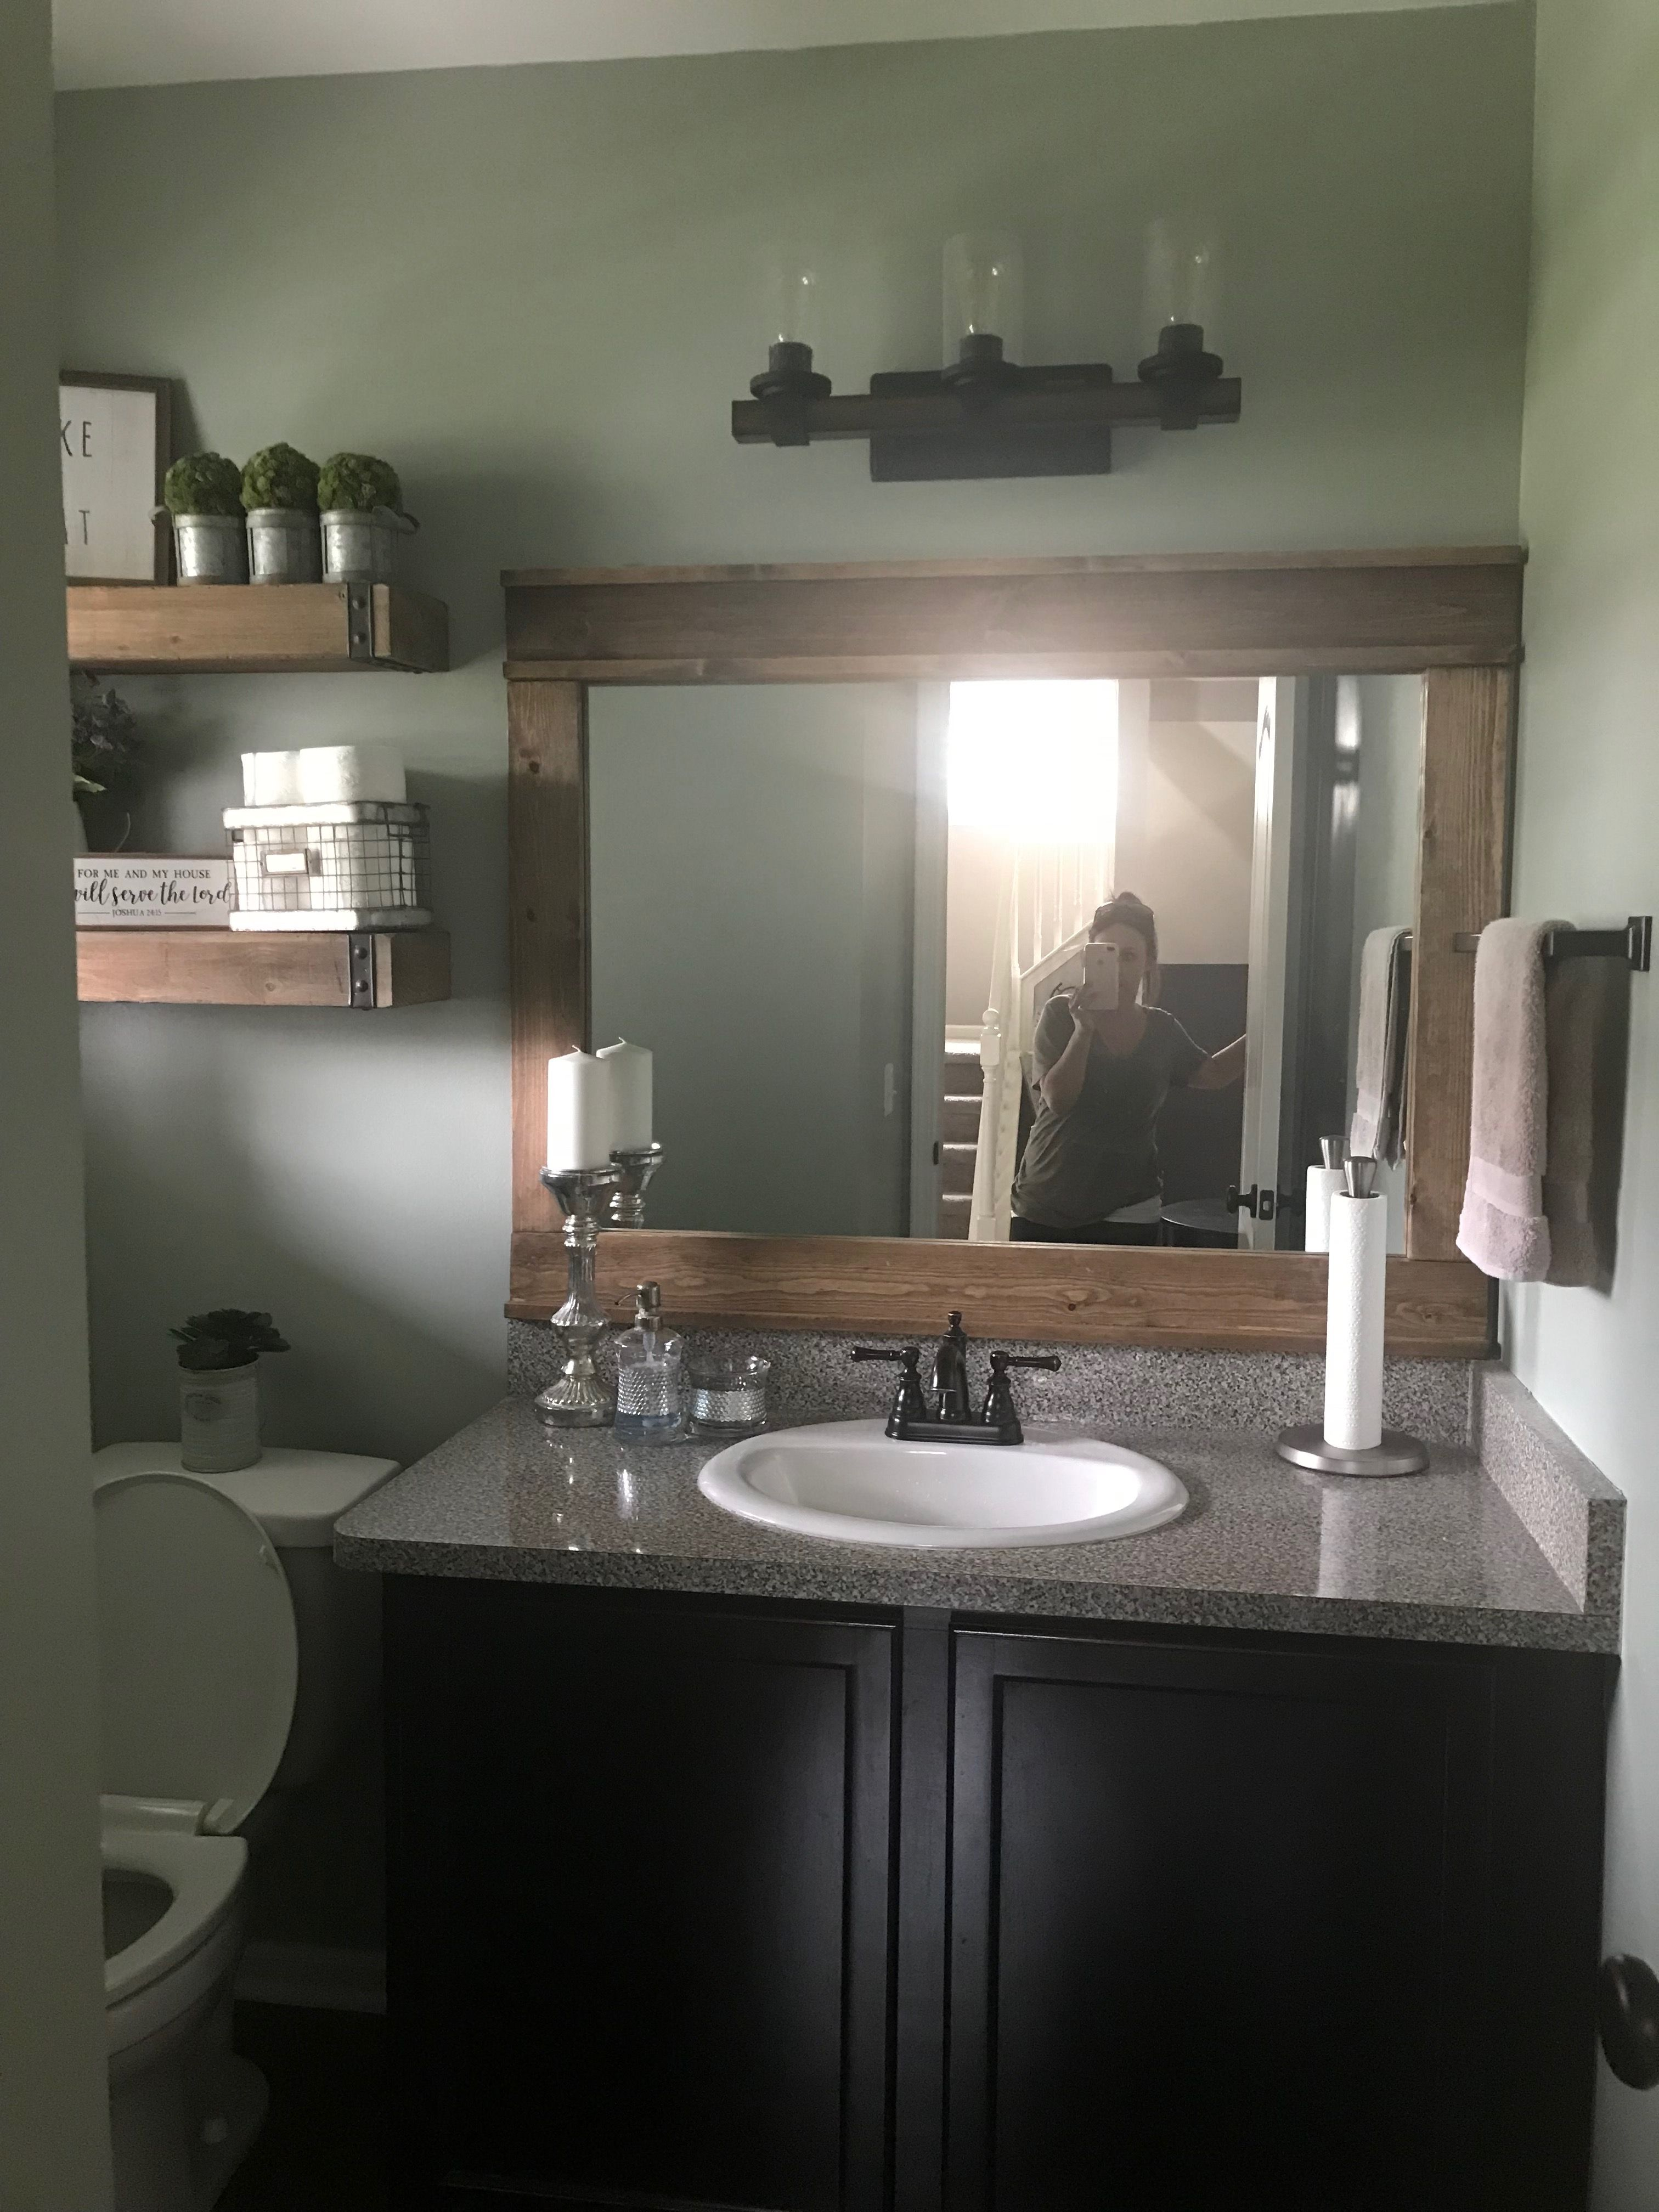 Diy rustic farmhouse bathroom mirror frame unique